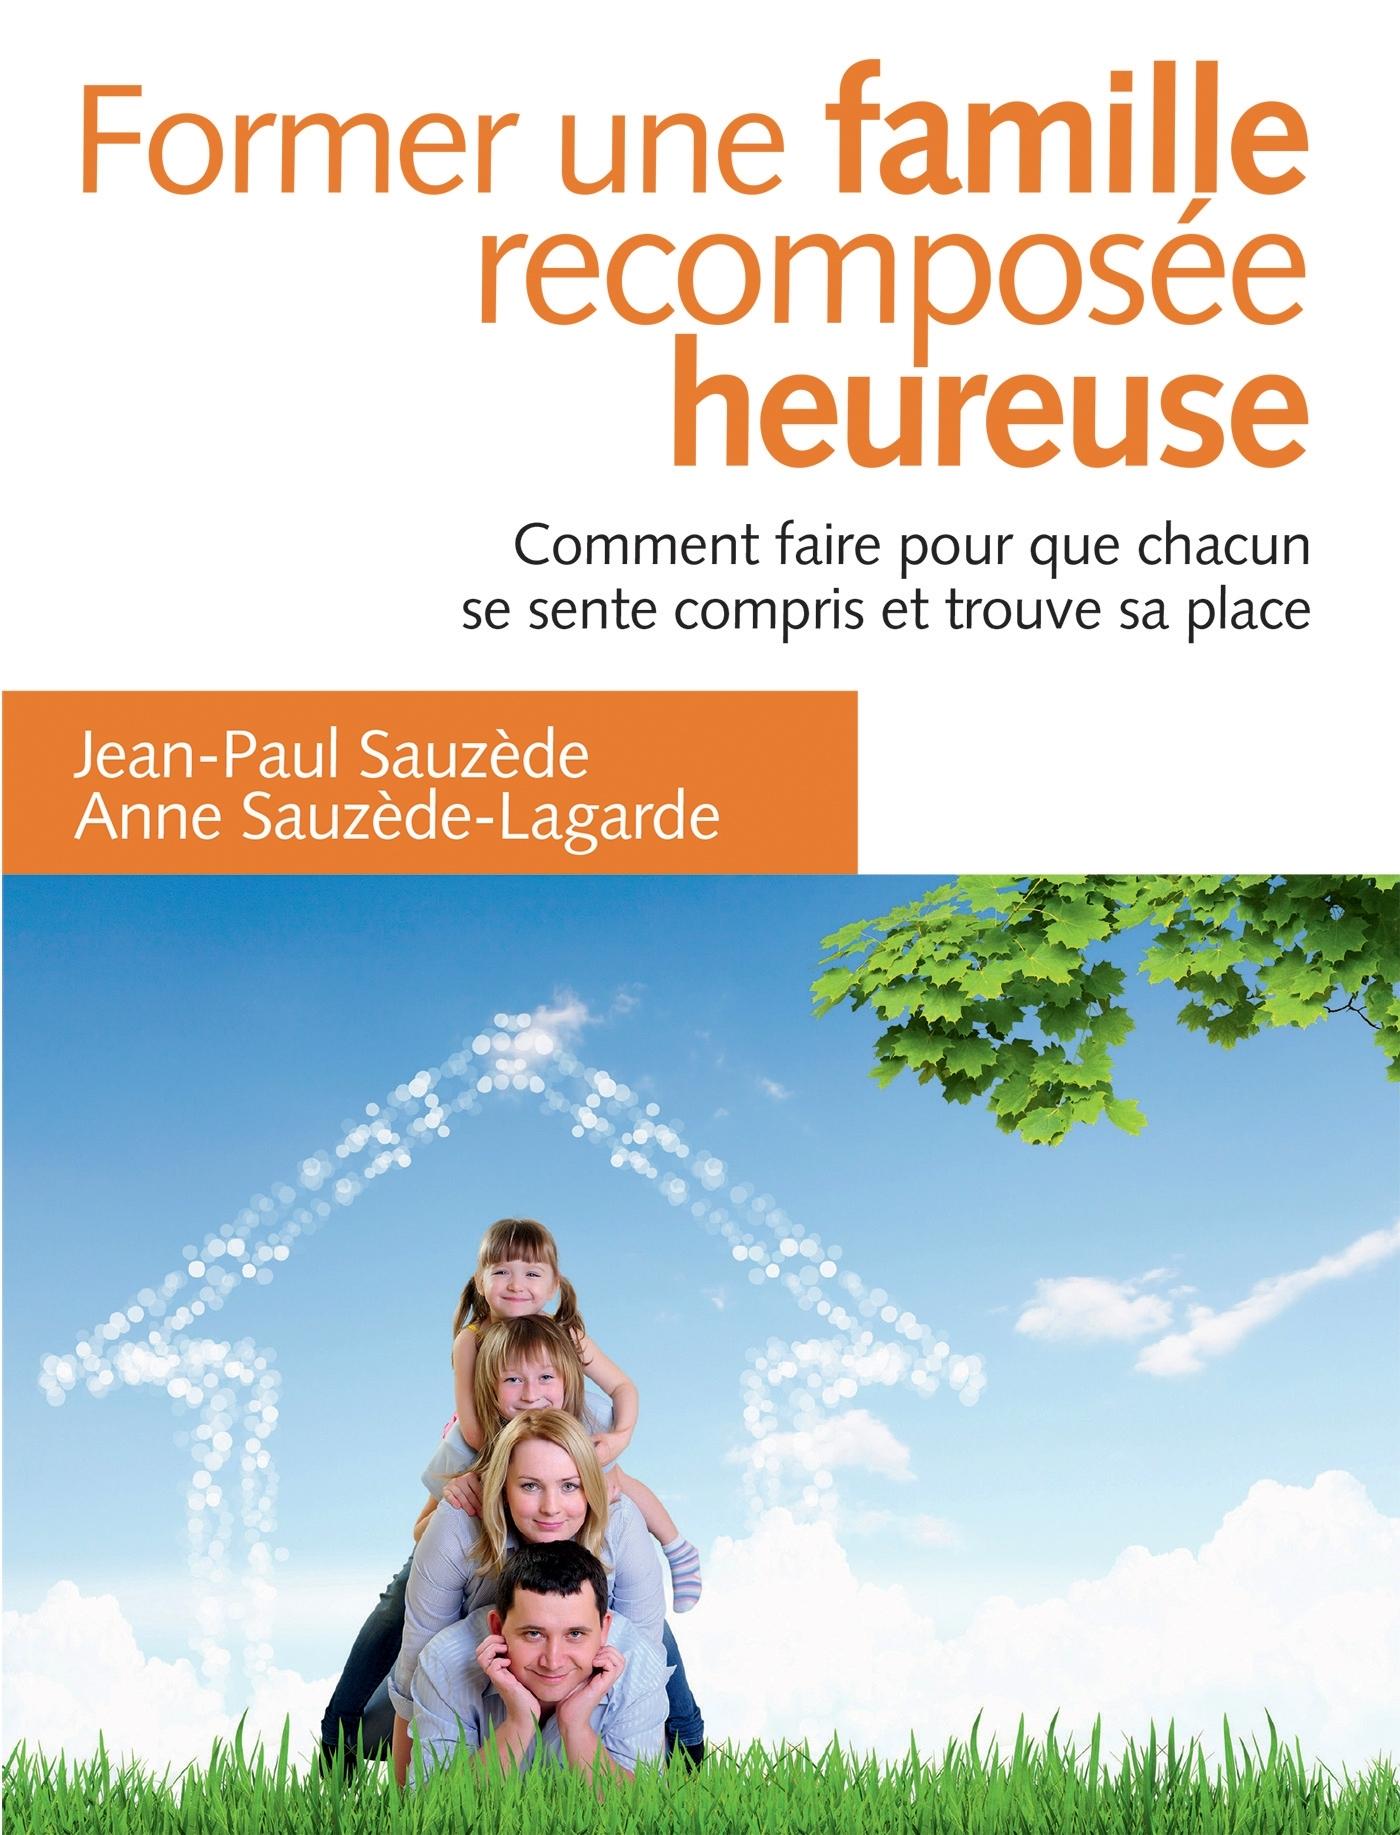 FORMER UNE FAMILLE RECOMPOSEE HEUREUSE - 2E ED. - COMMENT FAIRE POUR QUE CHACUN TROUVE SA PLACE